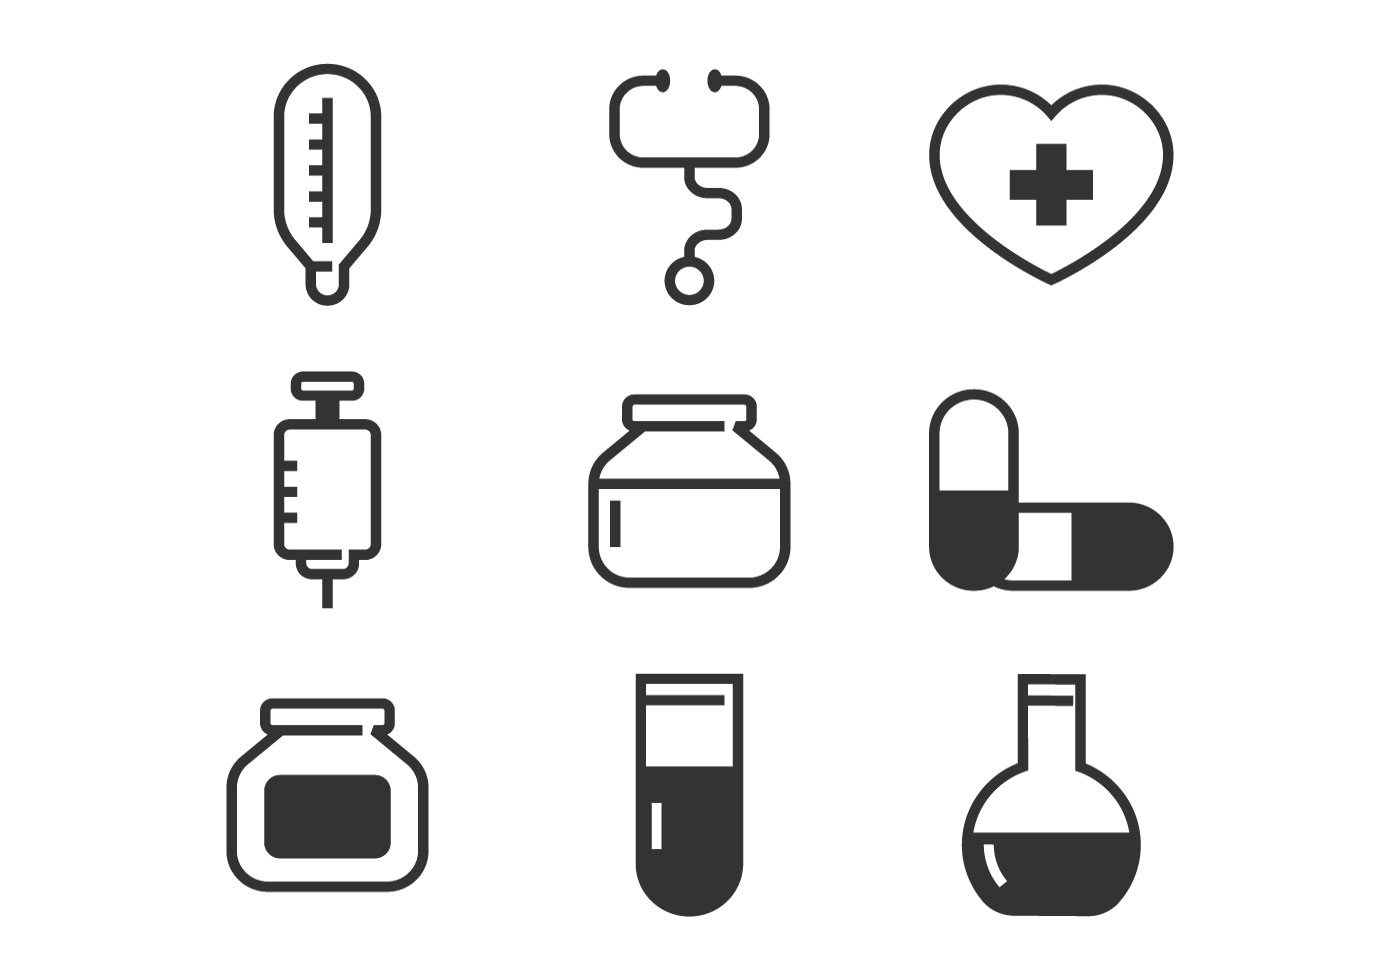 醫療 icon 免費下載   天天瘋後製